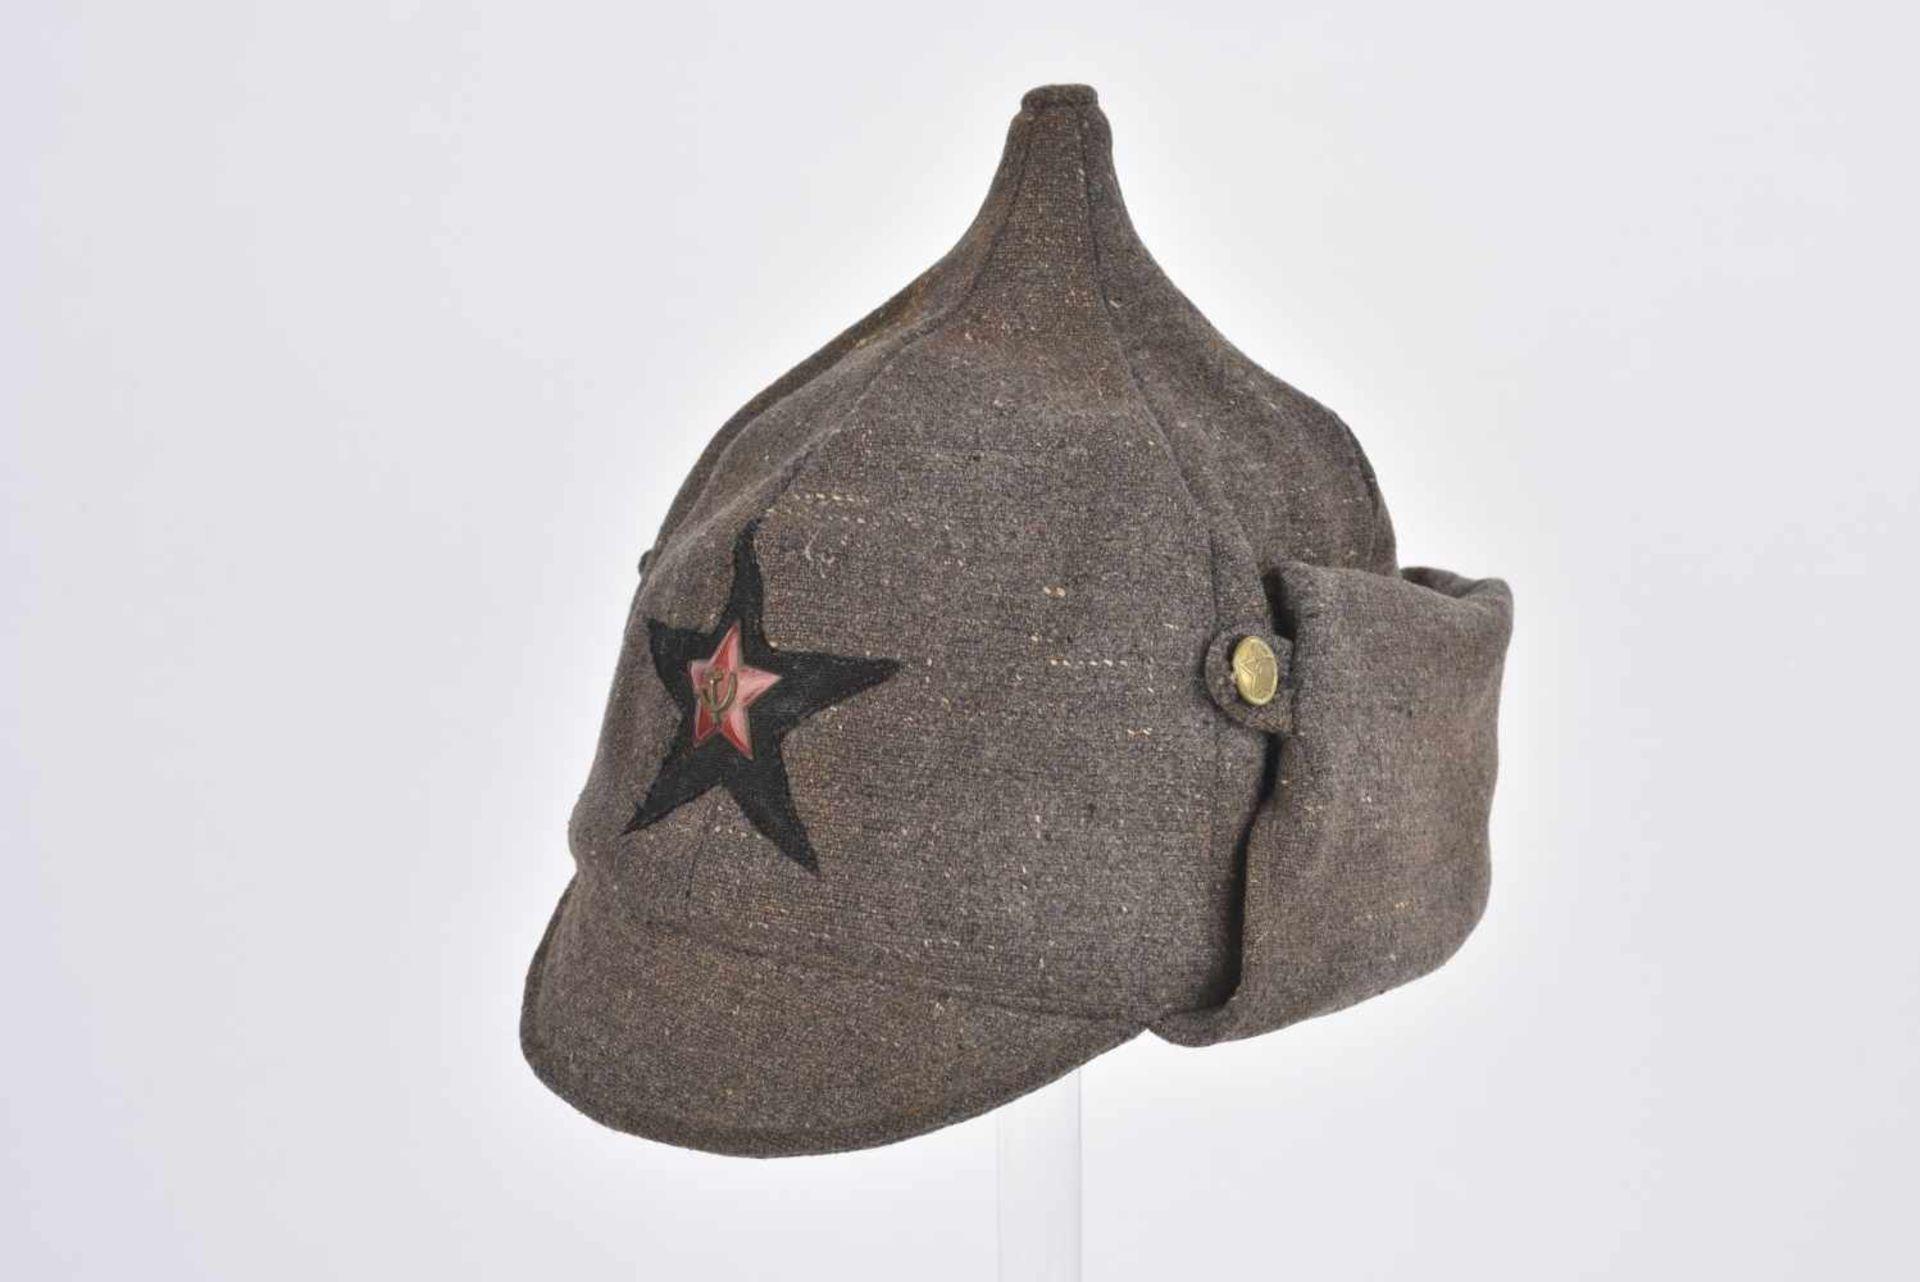 Budyonovka, M.27 pour l'artillerie ou les troupes blindées Complète avec étoile en tissu noire,